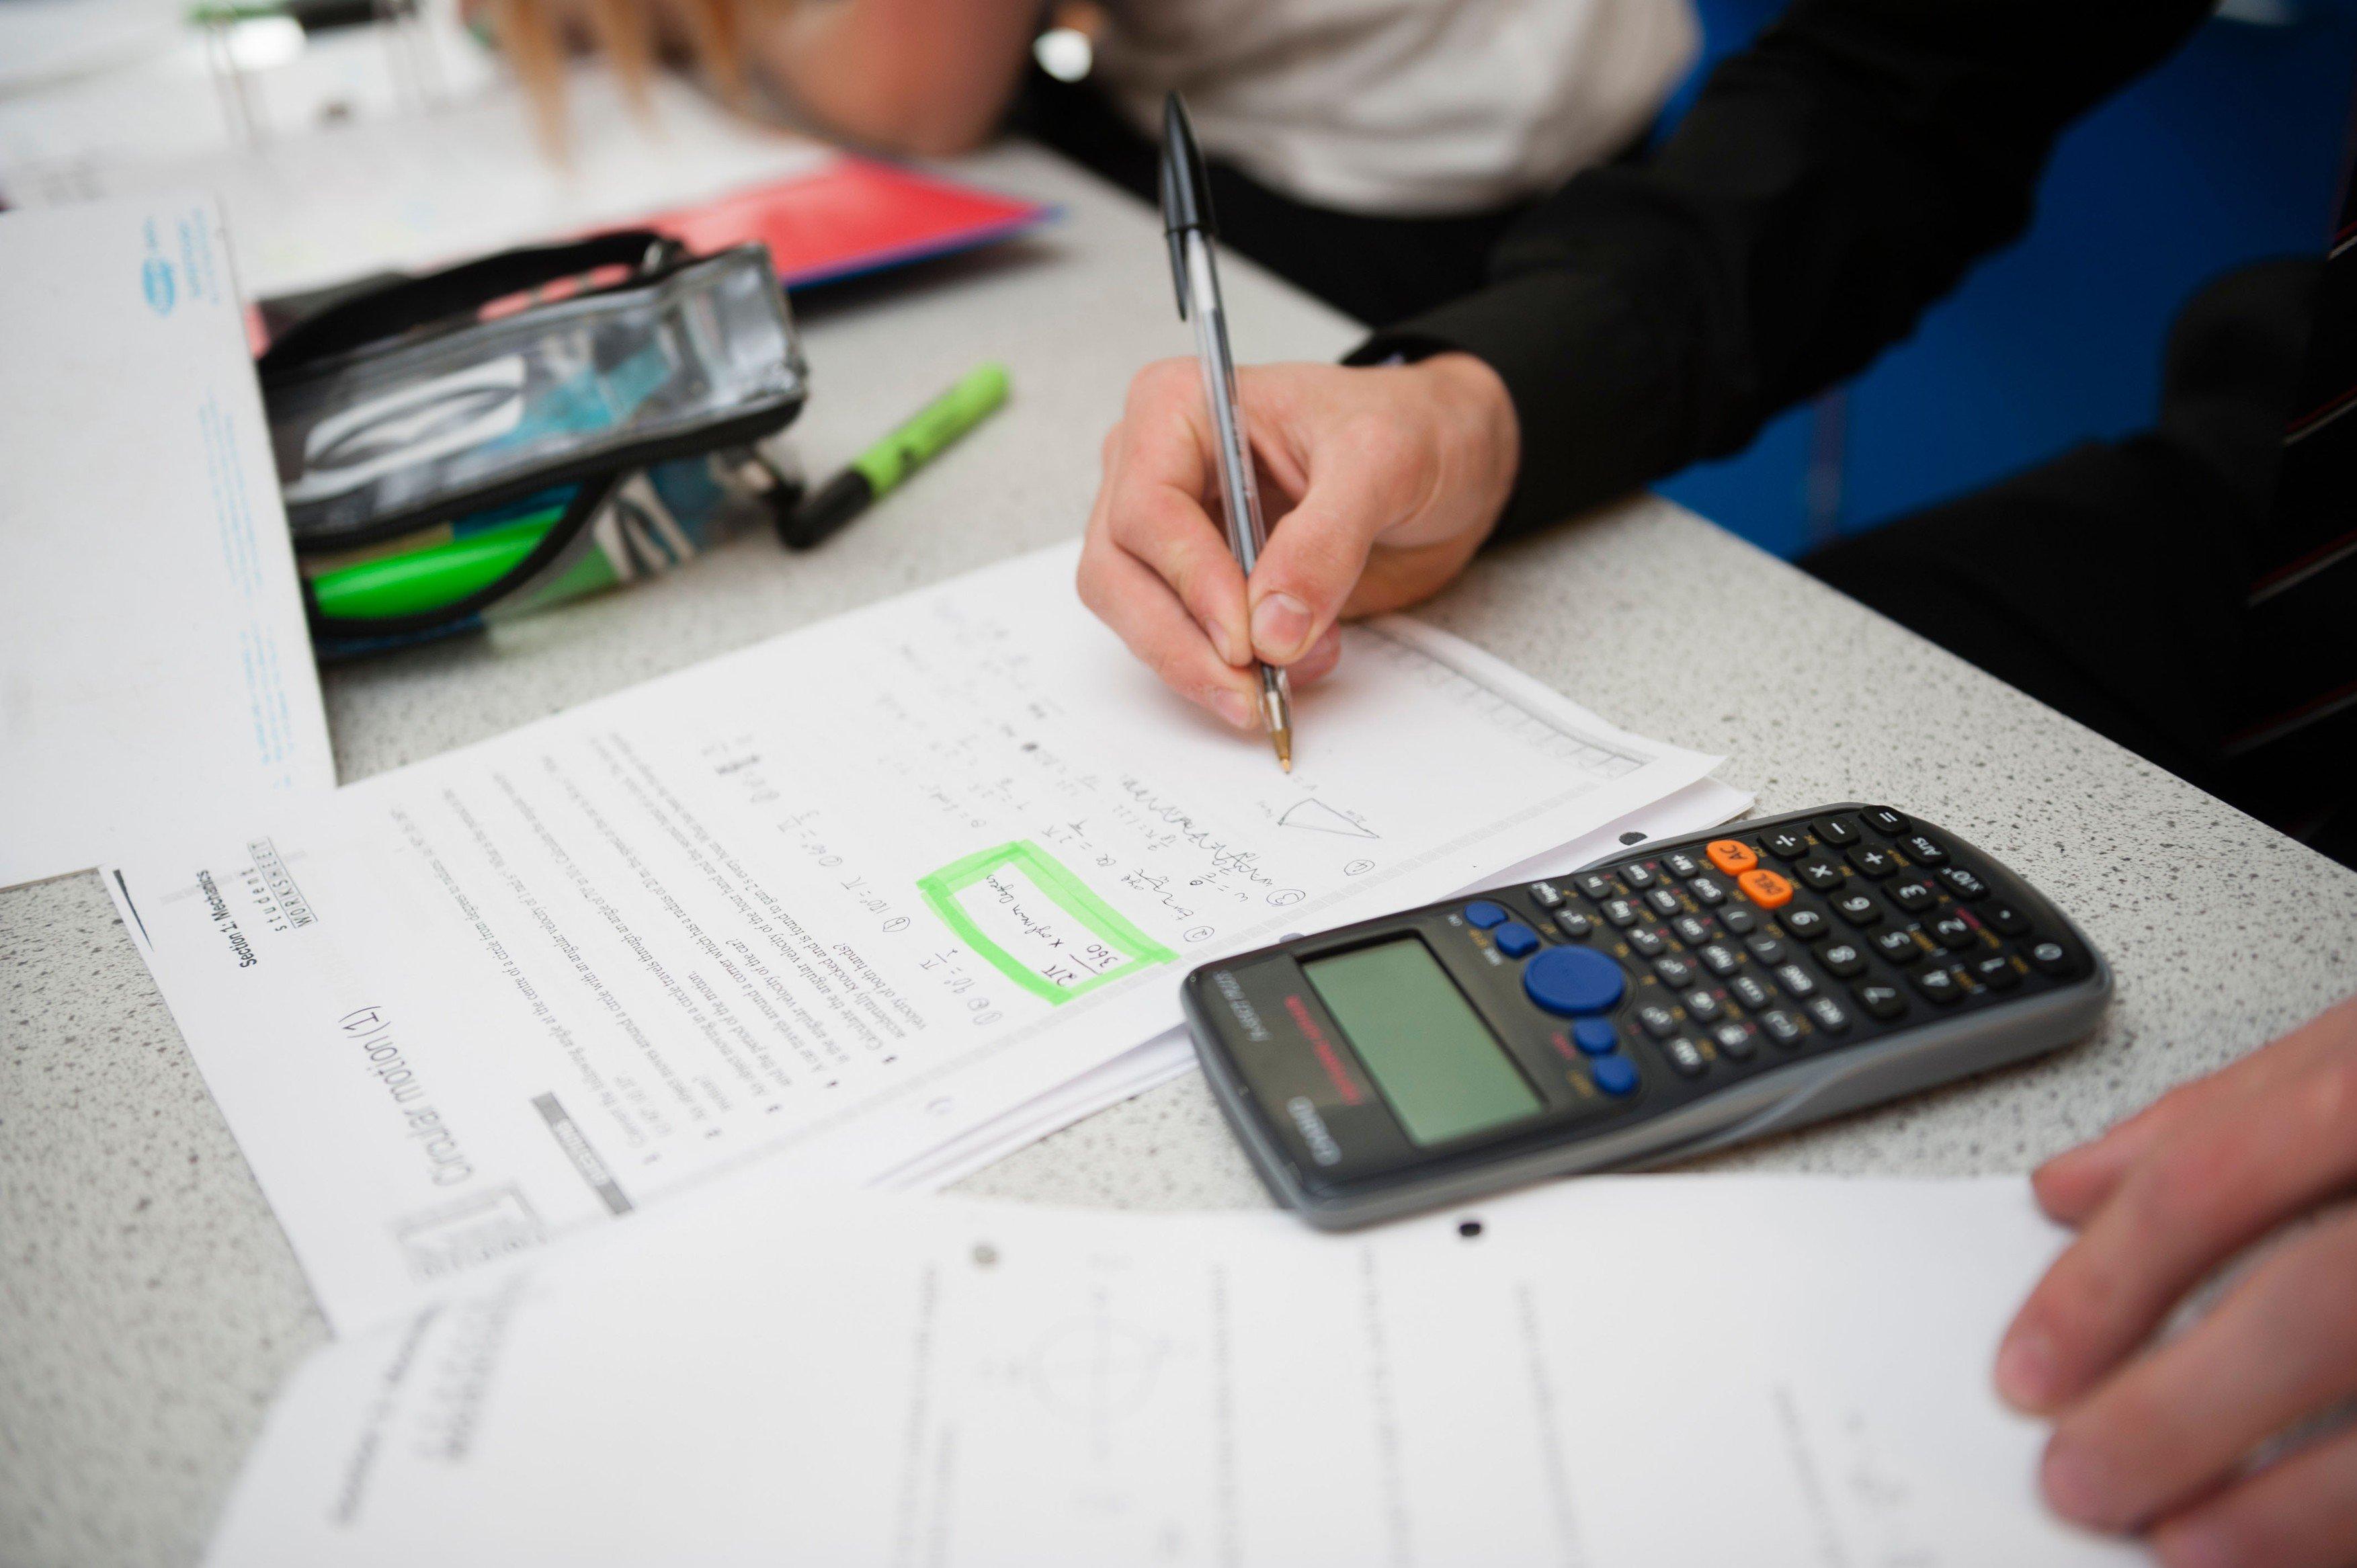 Škola, matematika, počítání, kalkulačka, test, písemka. Ilustrační foto